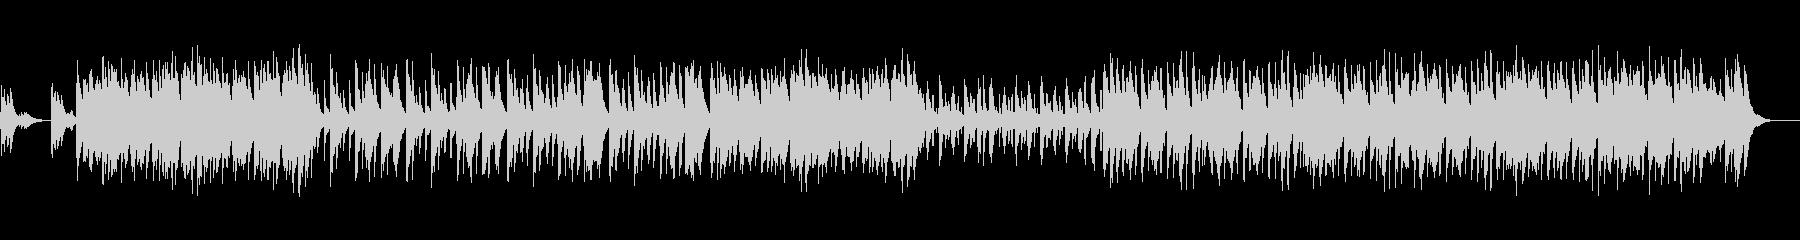 ピアノオルガンの昭和な楽しいくかわいい曲の未再生の波形